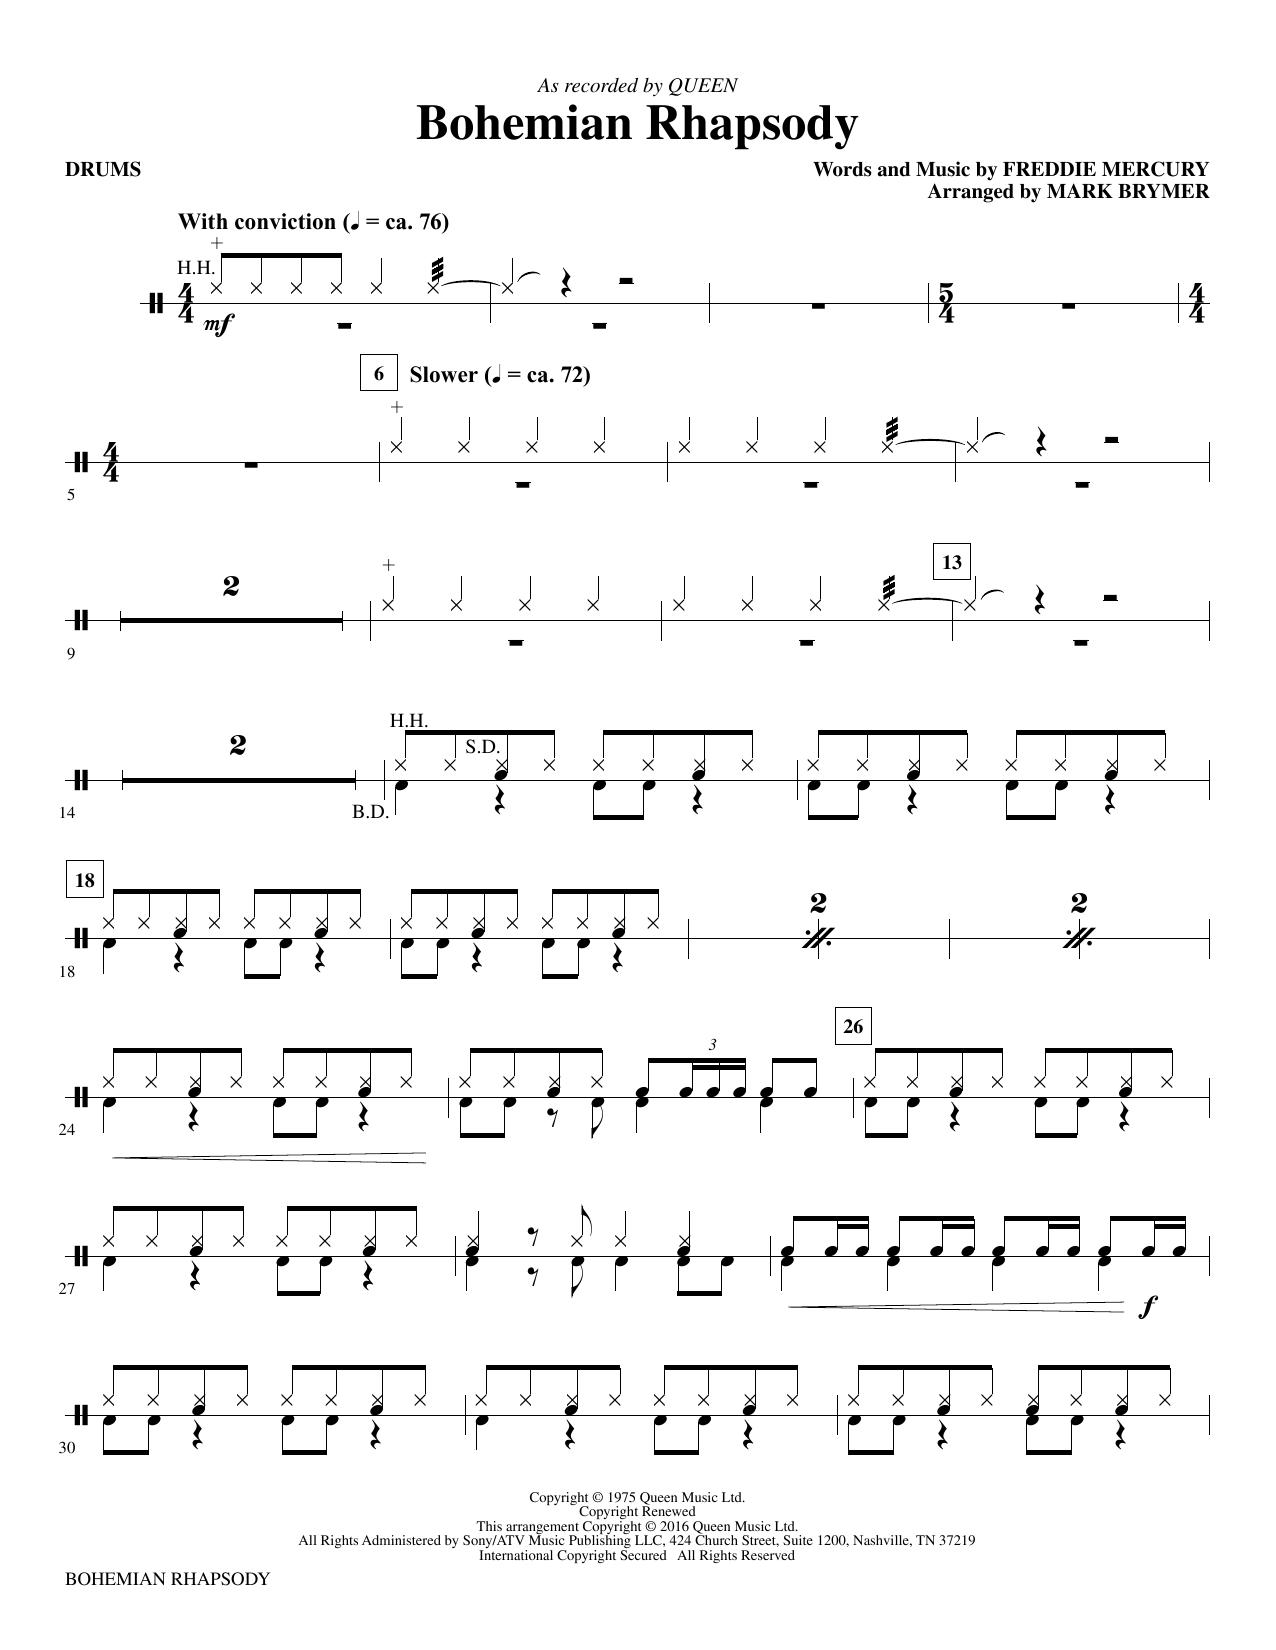 Queen - Bohemian Rhapsody - Drums